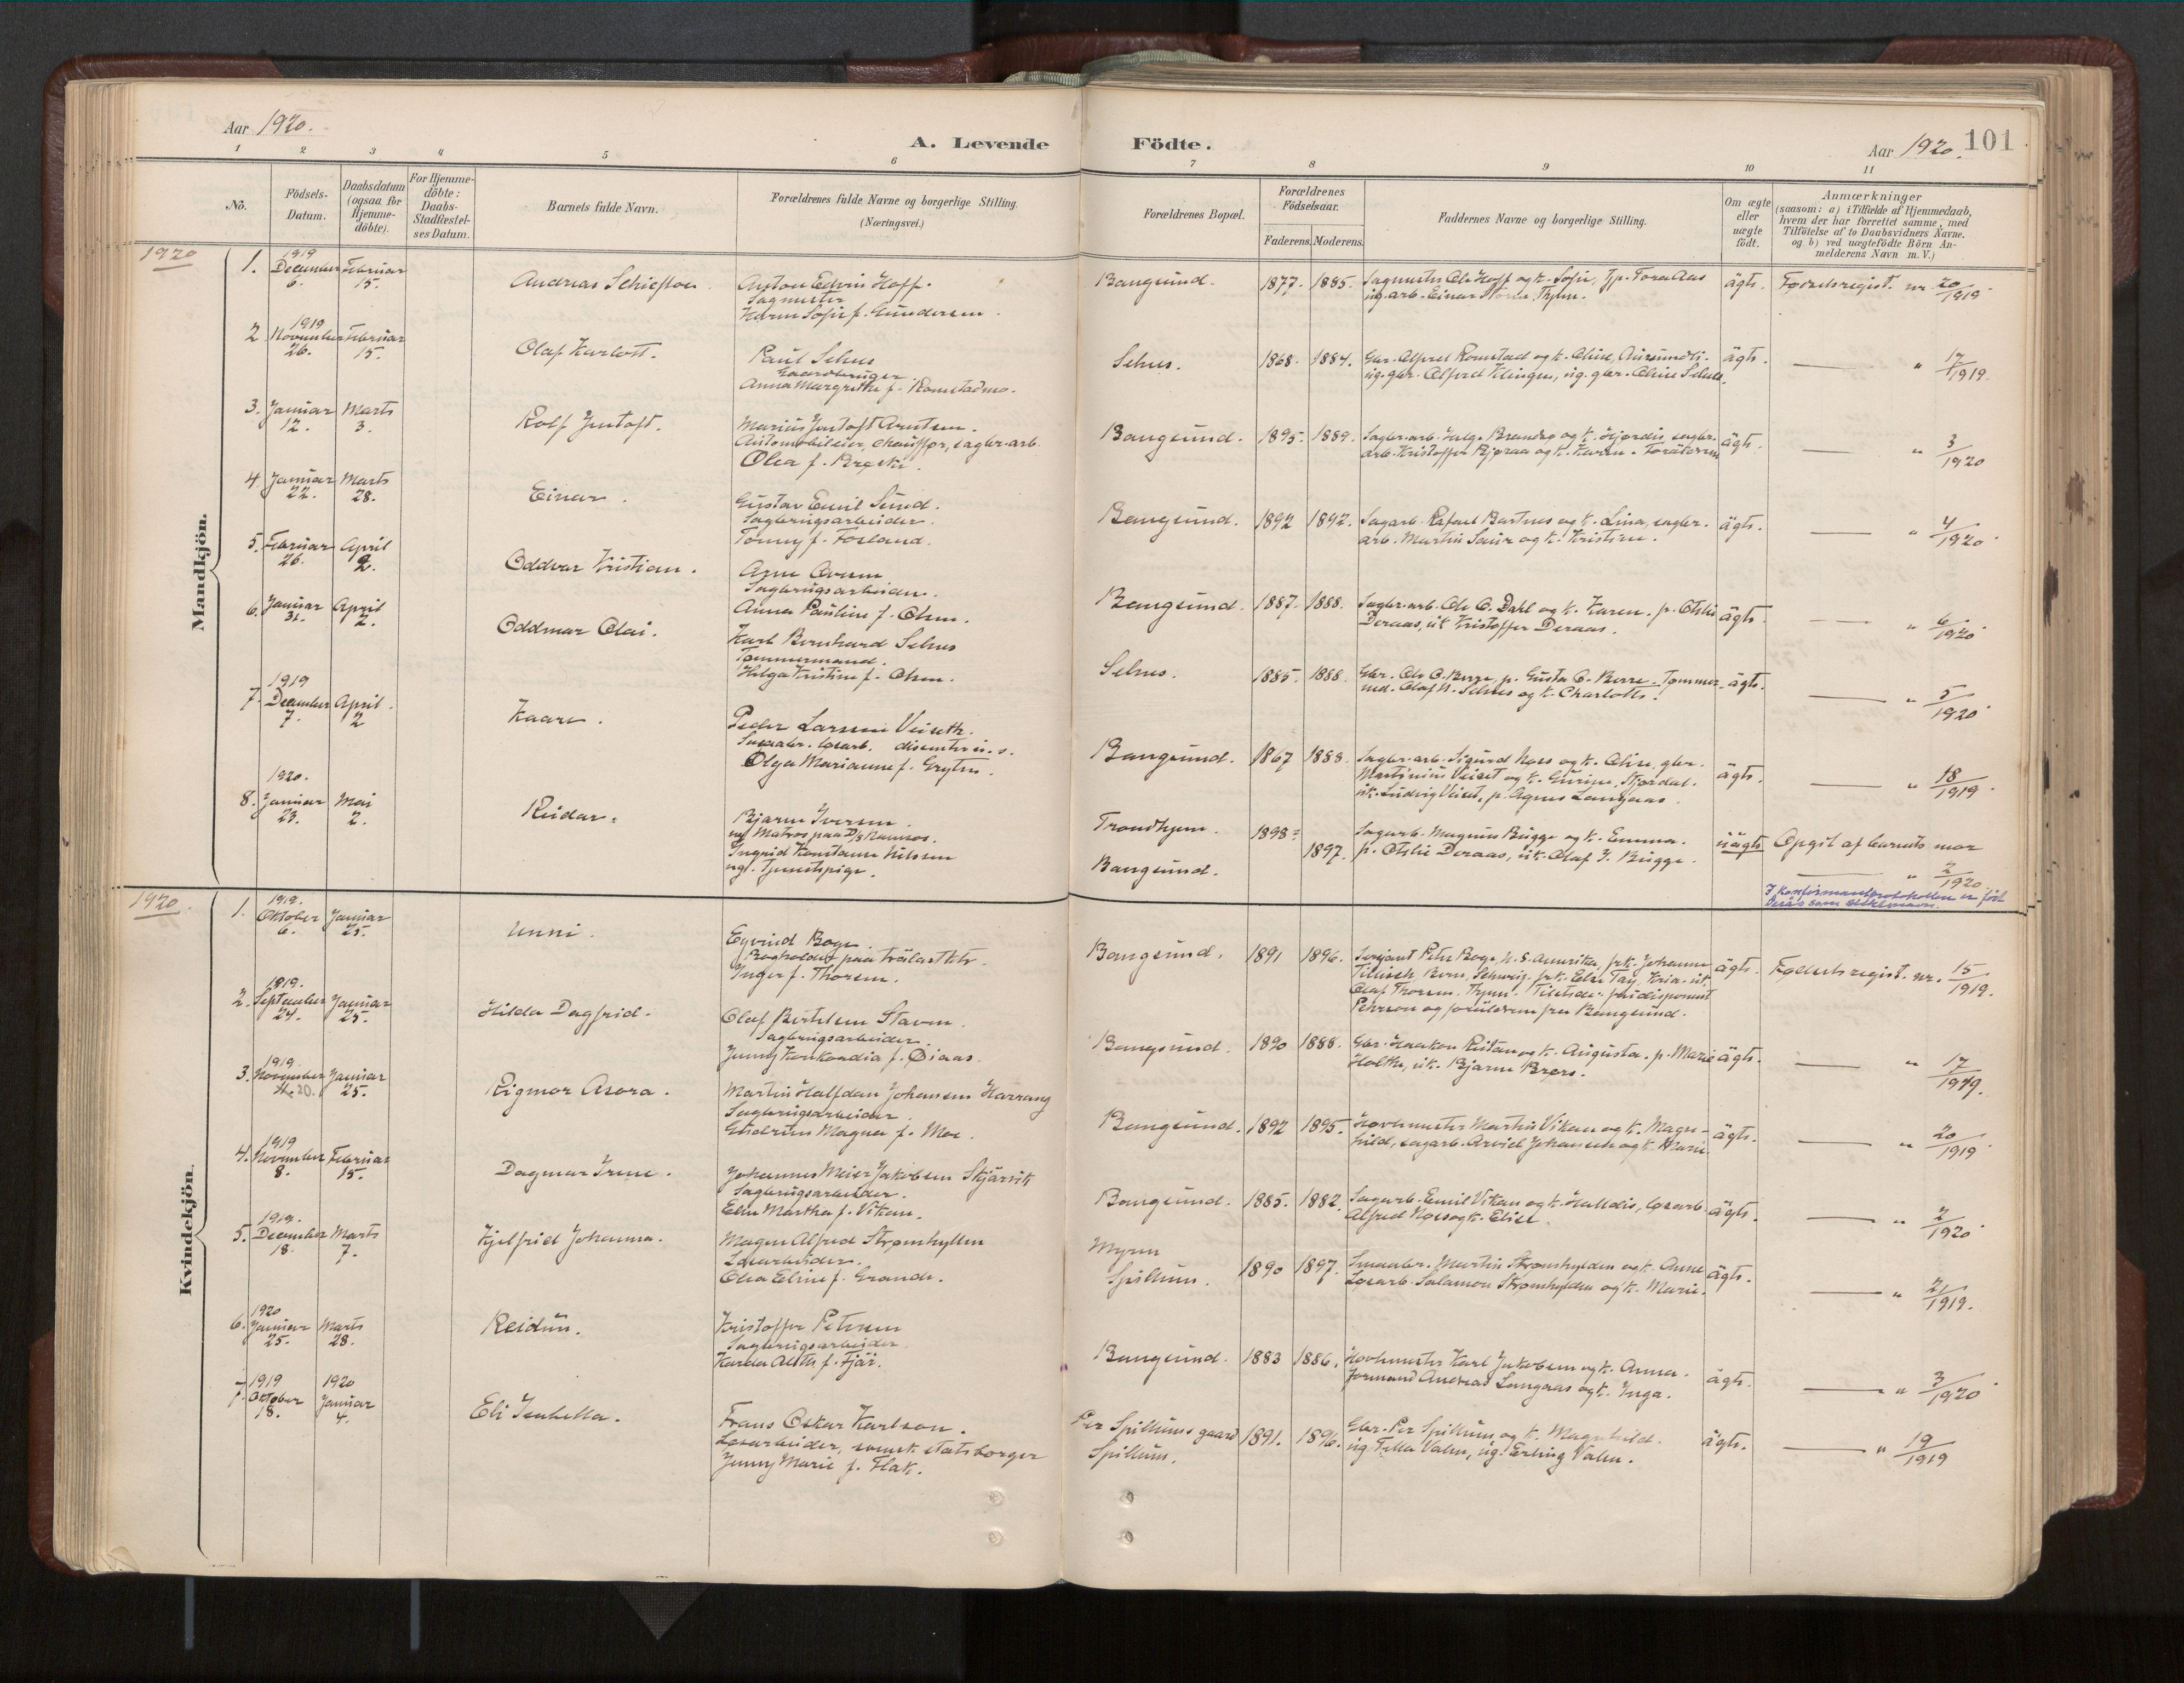 SAT, Ministerialprotokoller, klokkerbøker og fødselsregistre - Nord-Trøndelag, 770/L0589: Ministerialbok nr. 770A03, 1887-1929, s. 101